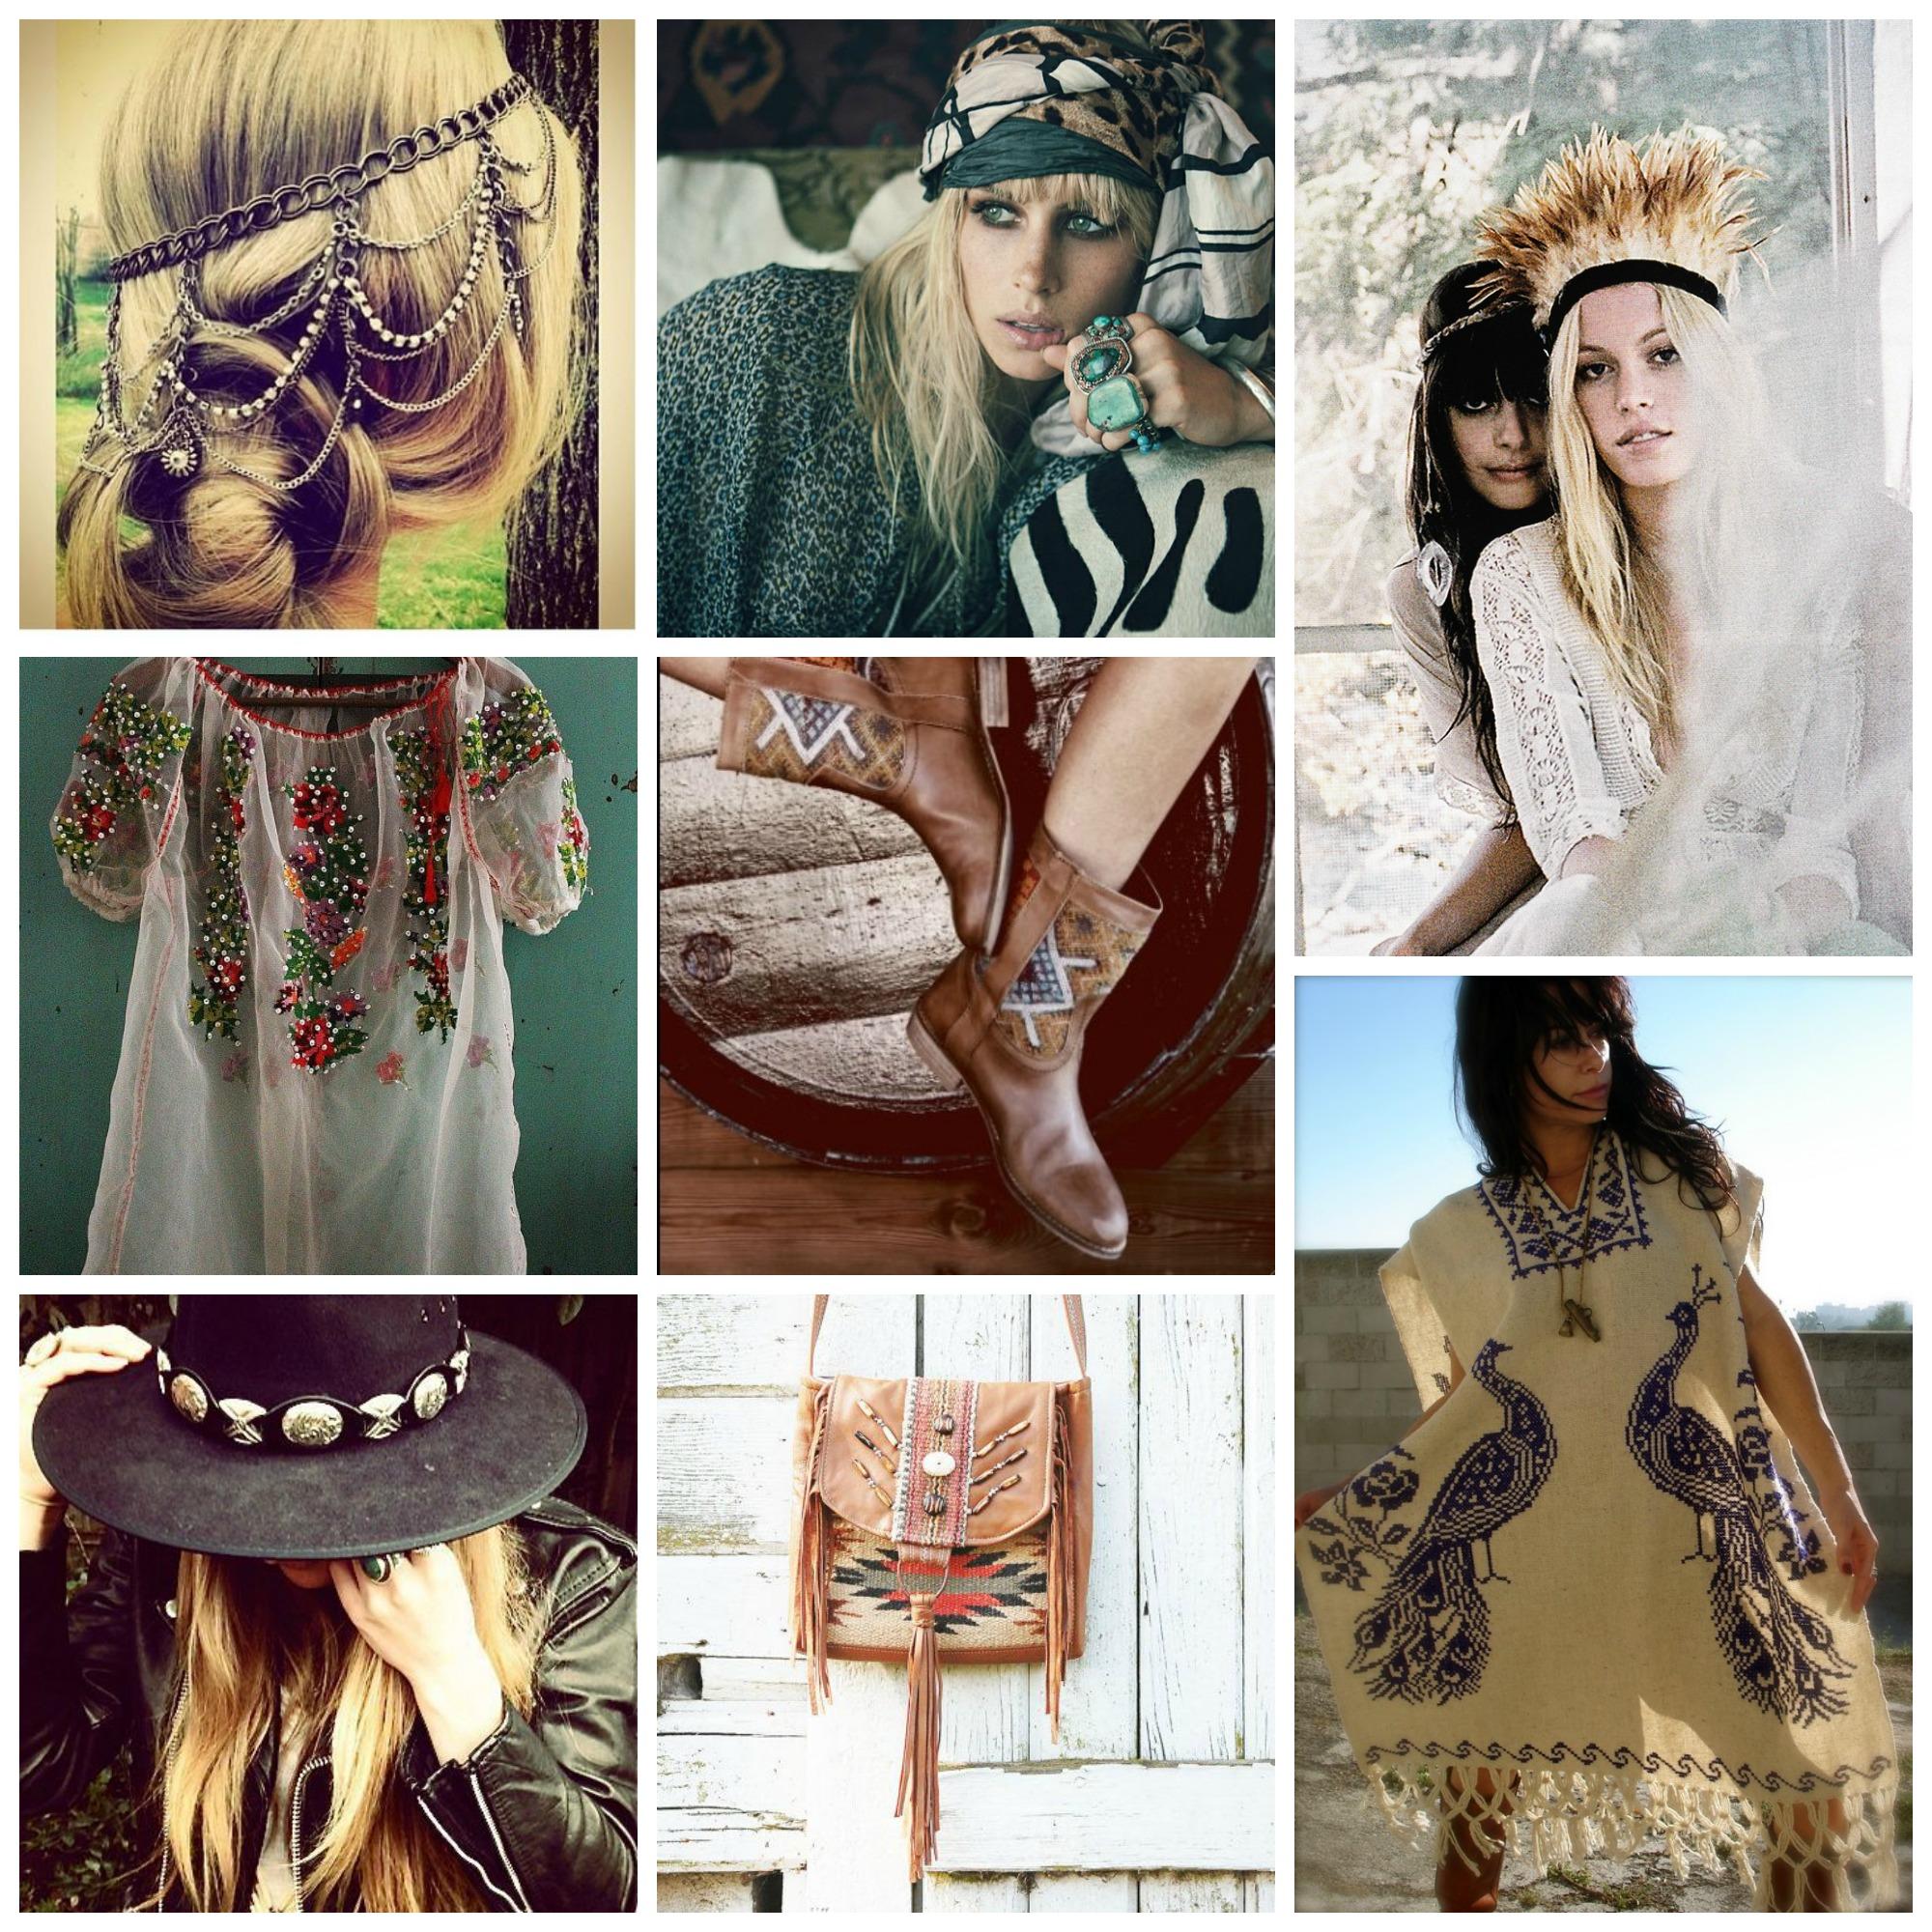 Phong cách bohemian - Thời trang từ tinh thần du mục